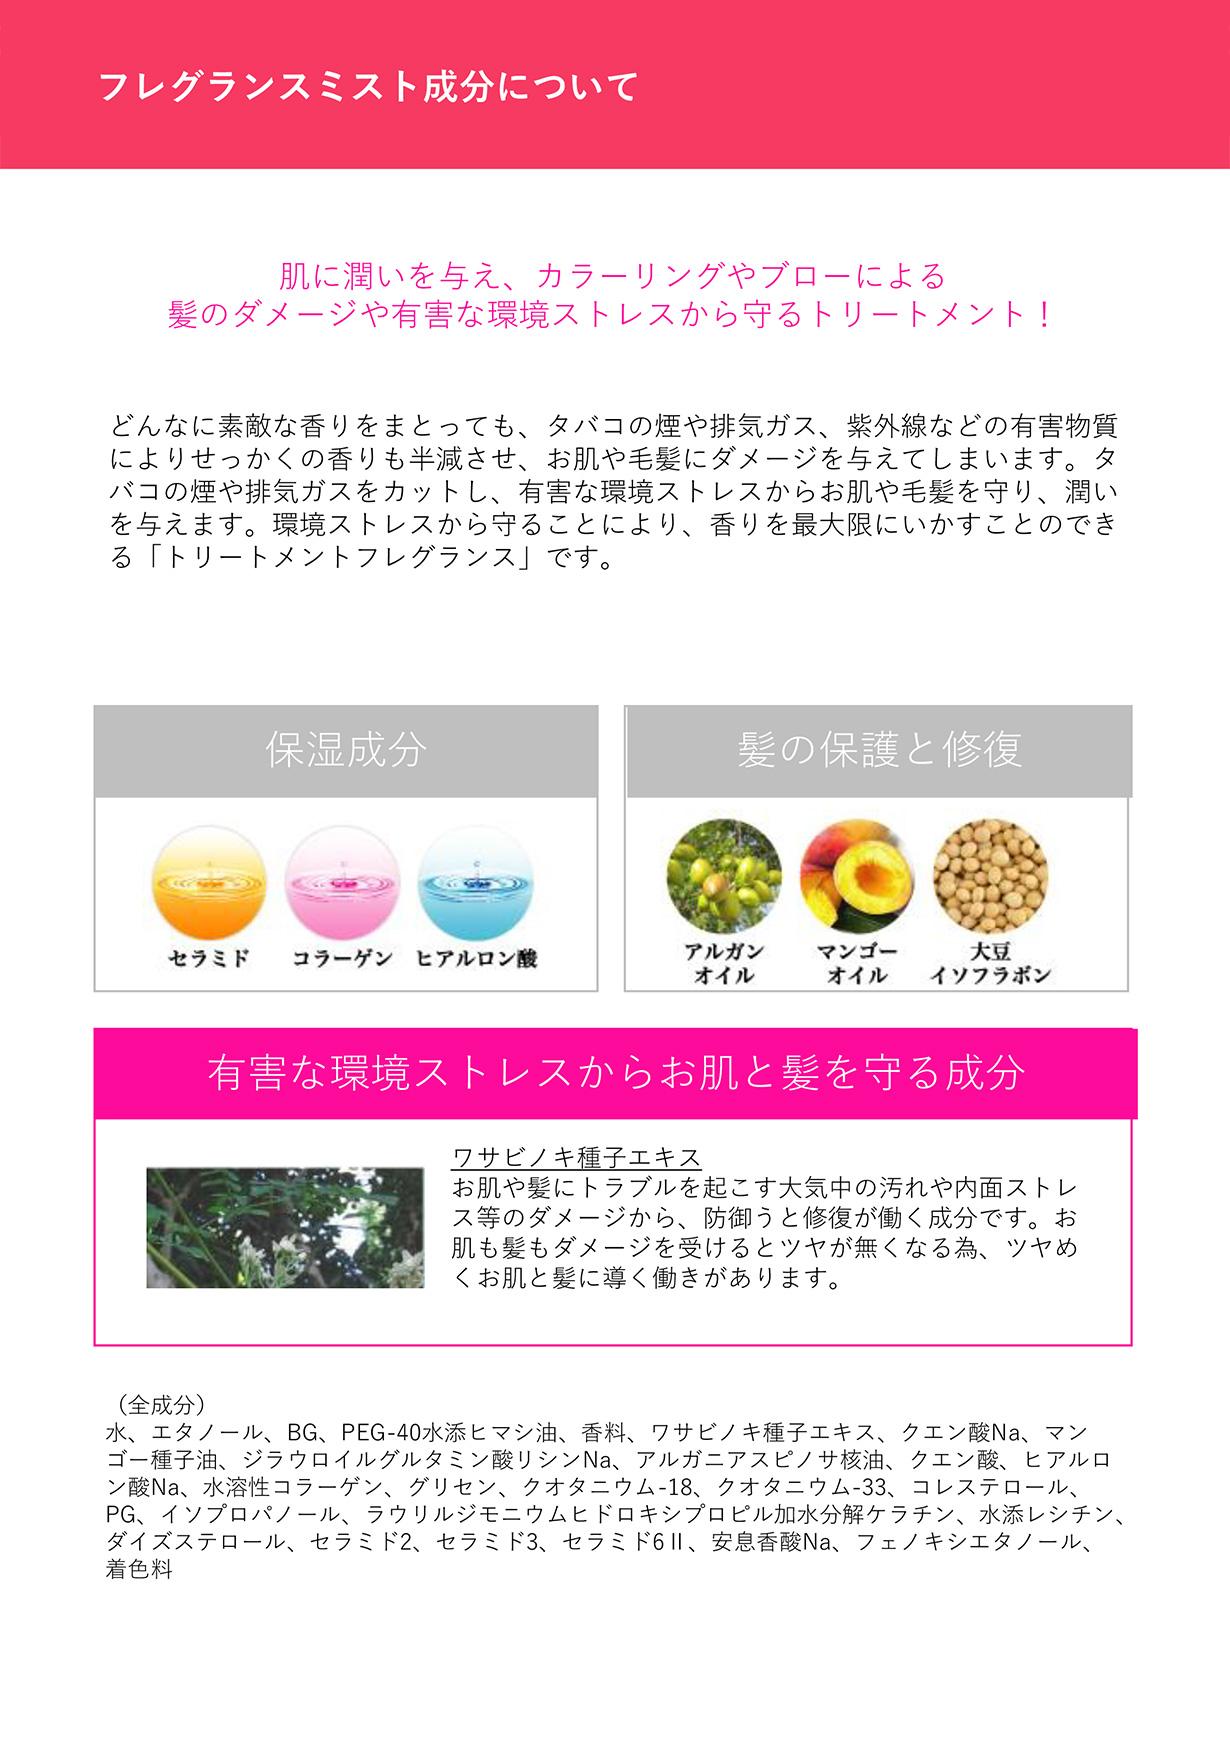 【規定書】フレグランスウォーター シェイリー(2019AW)(3)